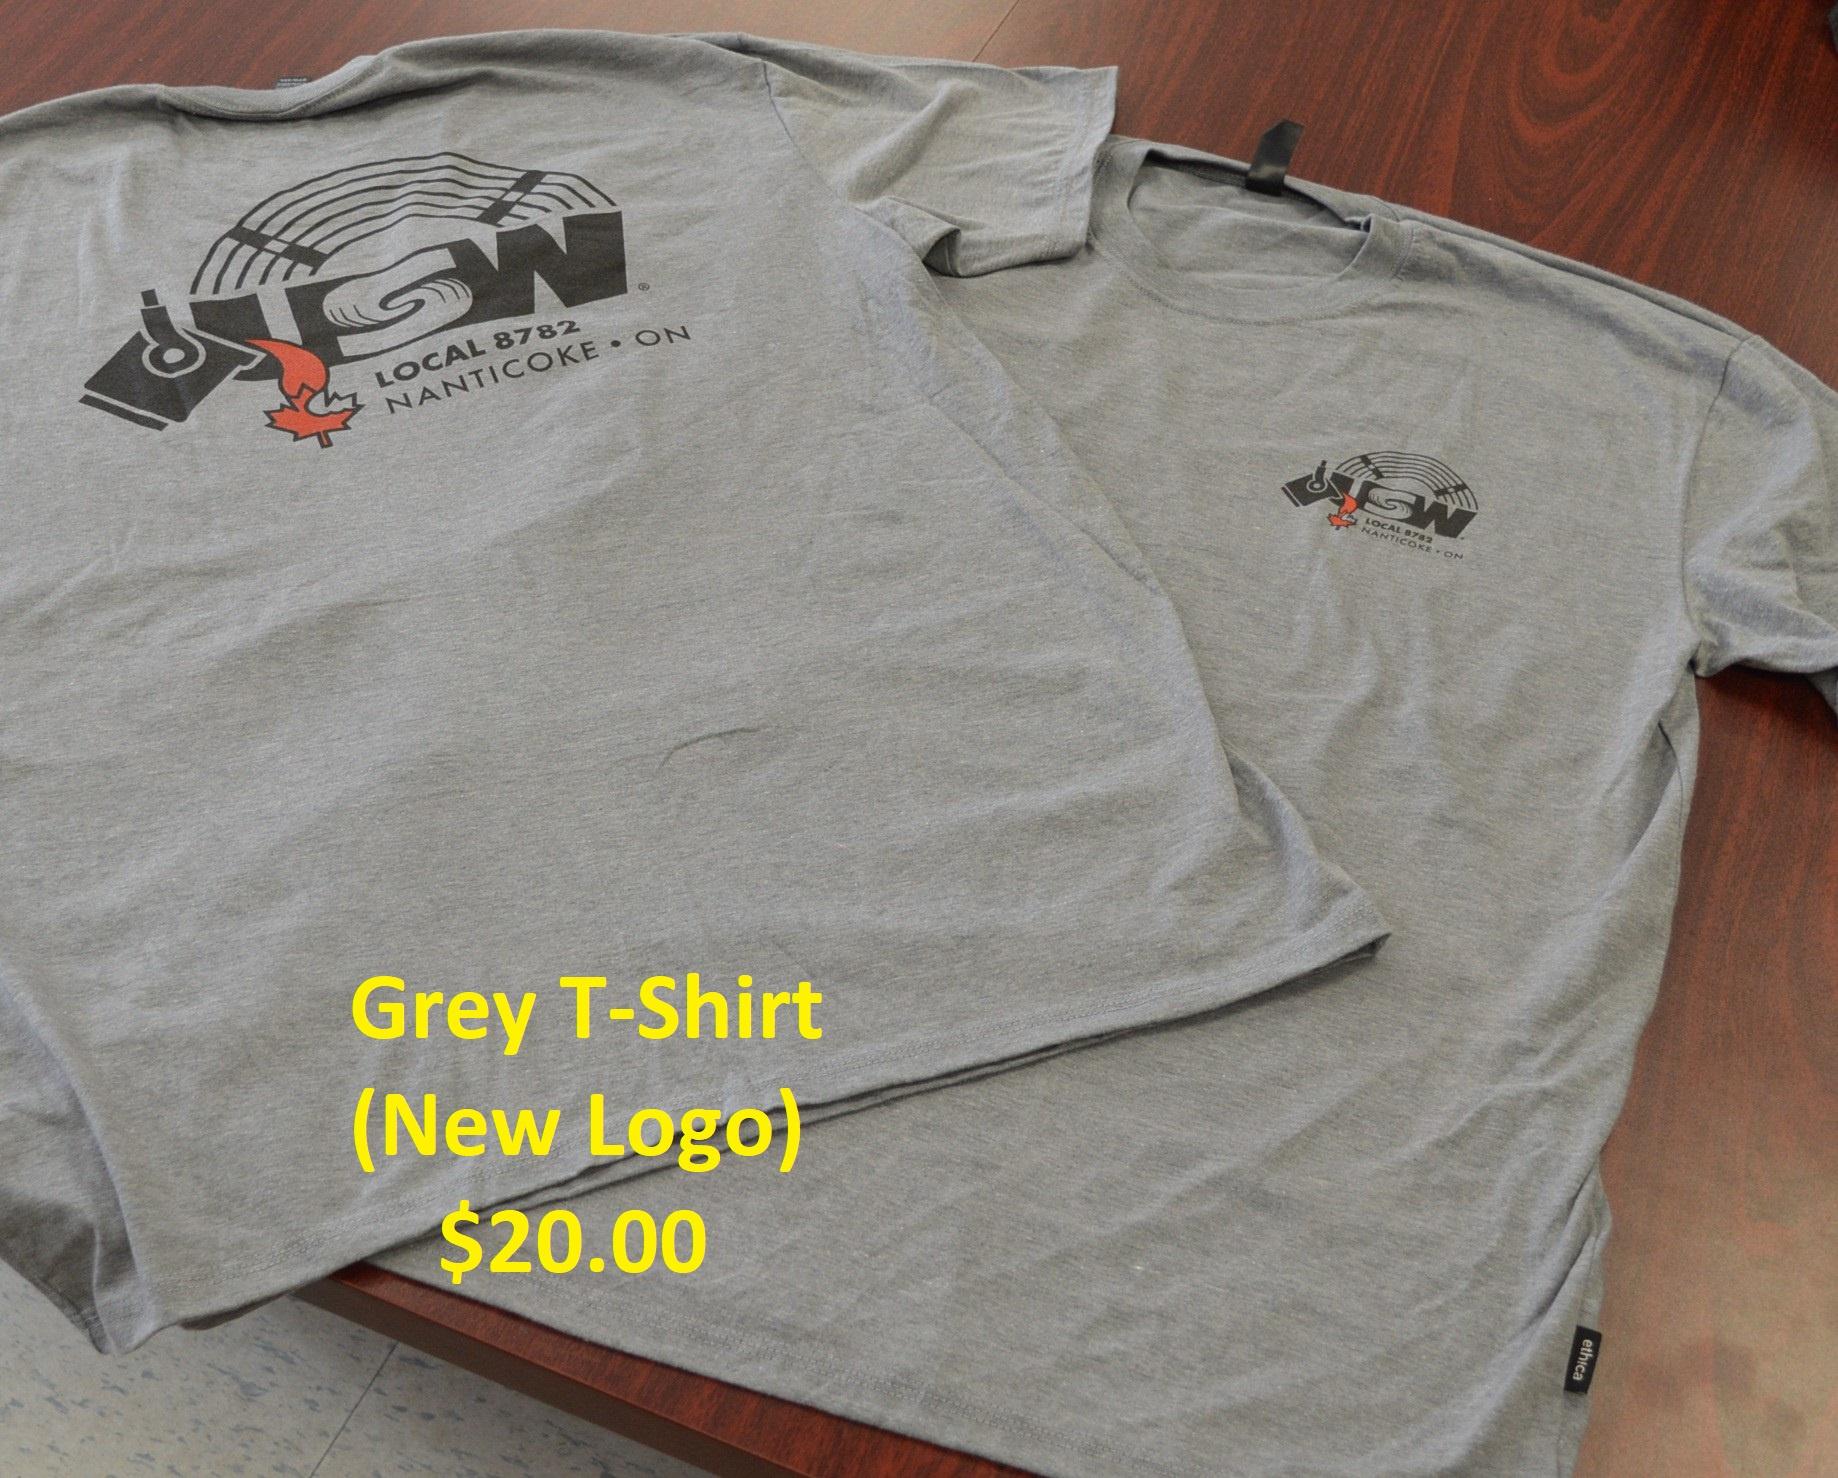 https://0901.nccdn.net/4_2/000/000/017/e75/New-Logo-2019-T-Shirts--002--1838x1478.jpg